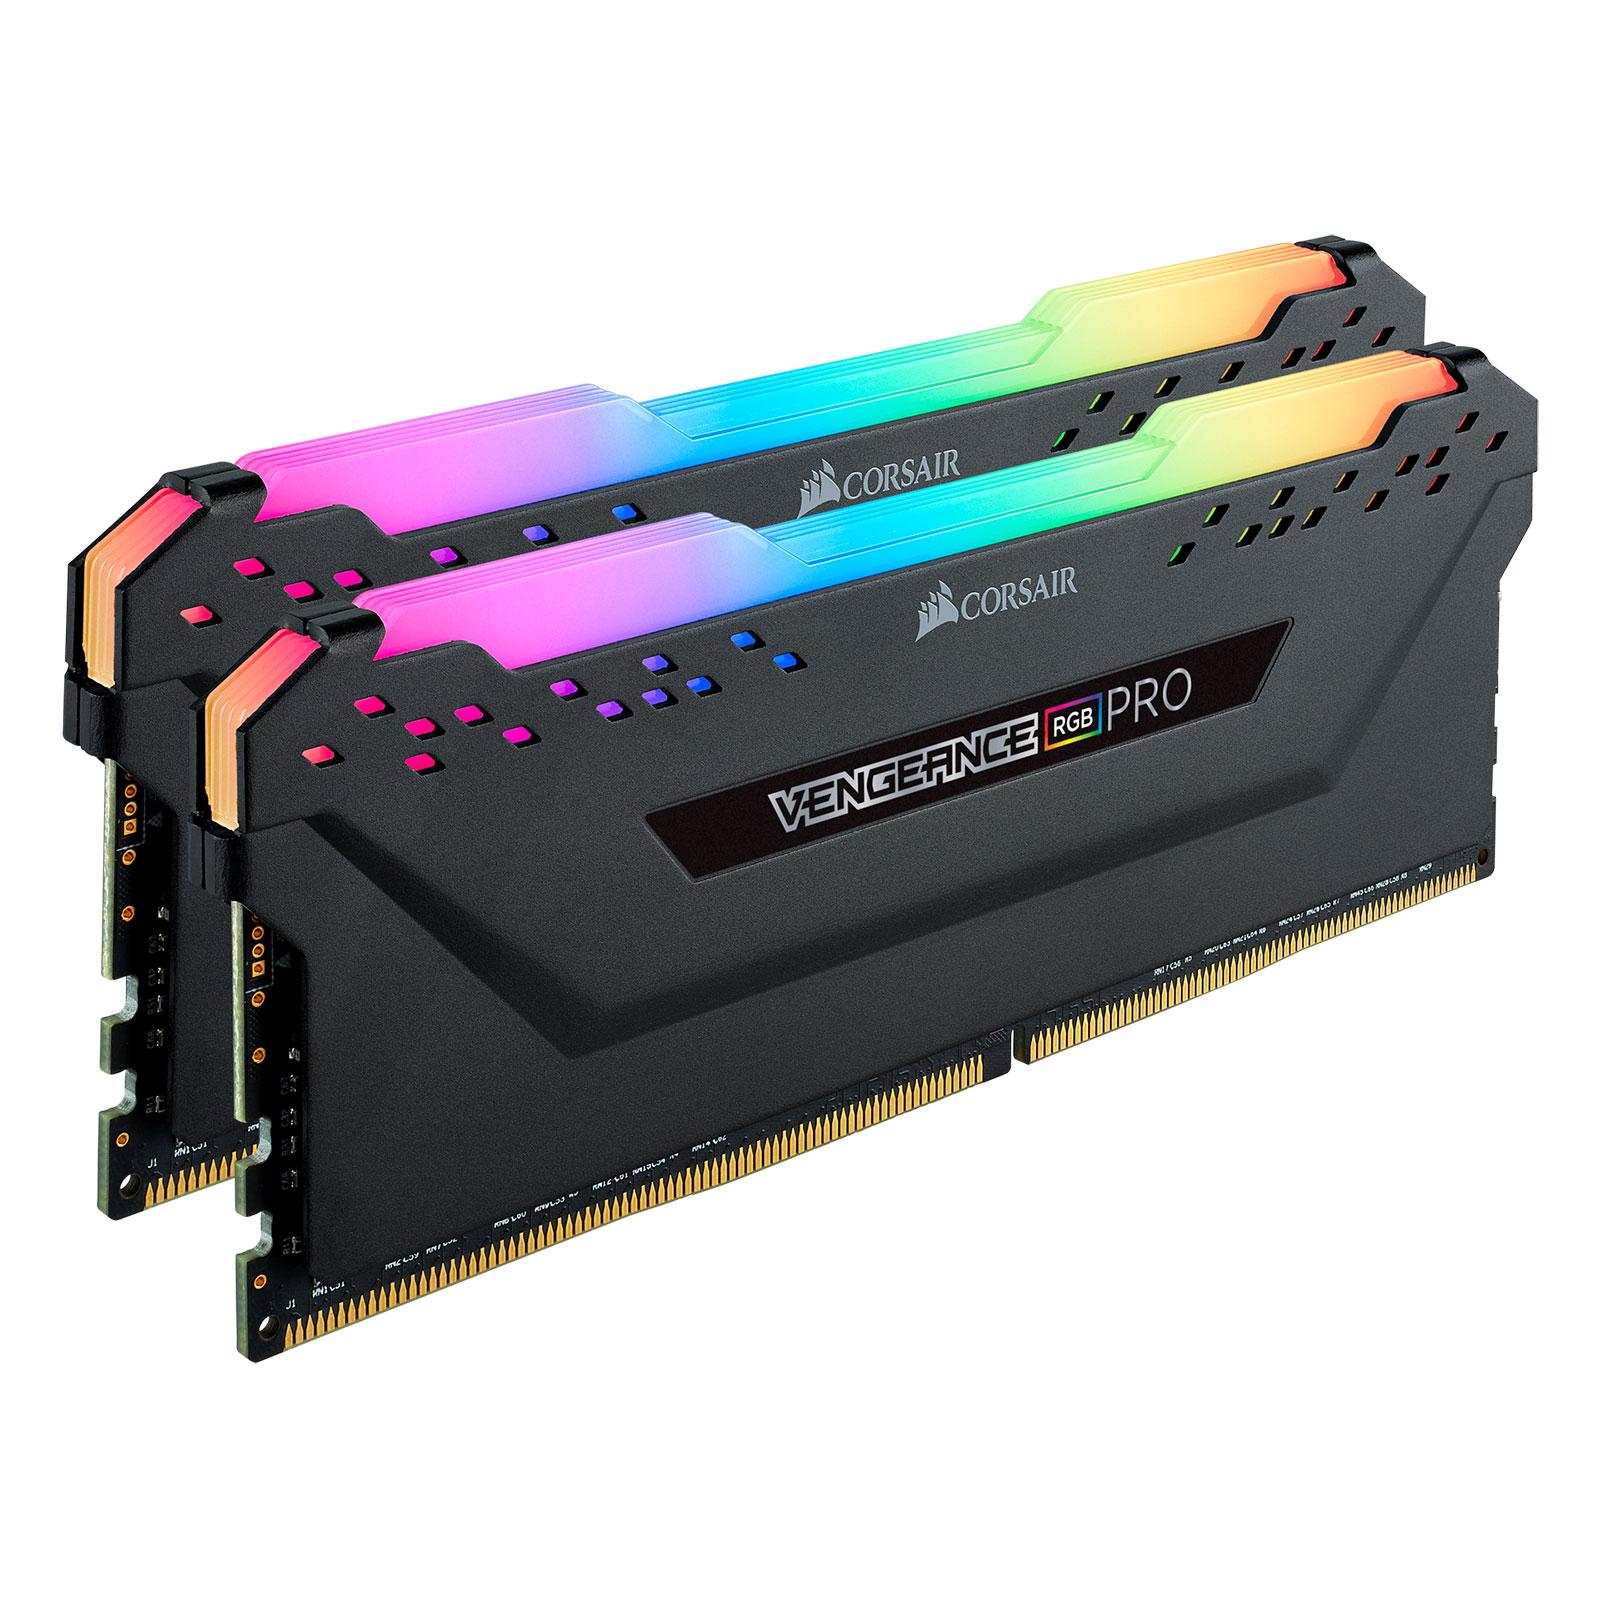 Corsair Vengeance RGB PRO Black Heat Spreader  16Go DDR4 3000MHz PC24000 - Mémoire PC Corsair sur Cybertek.fr - 0